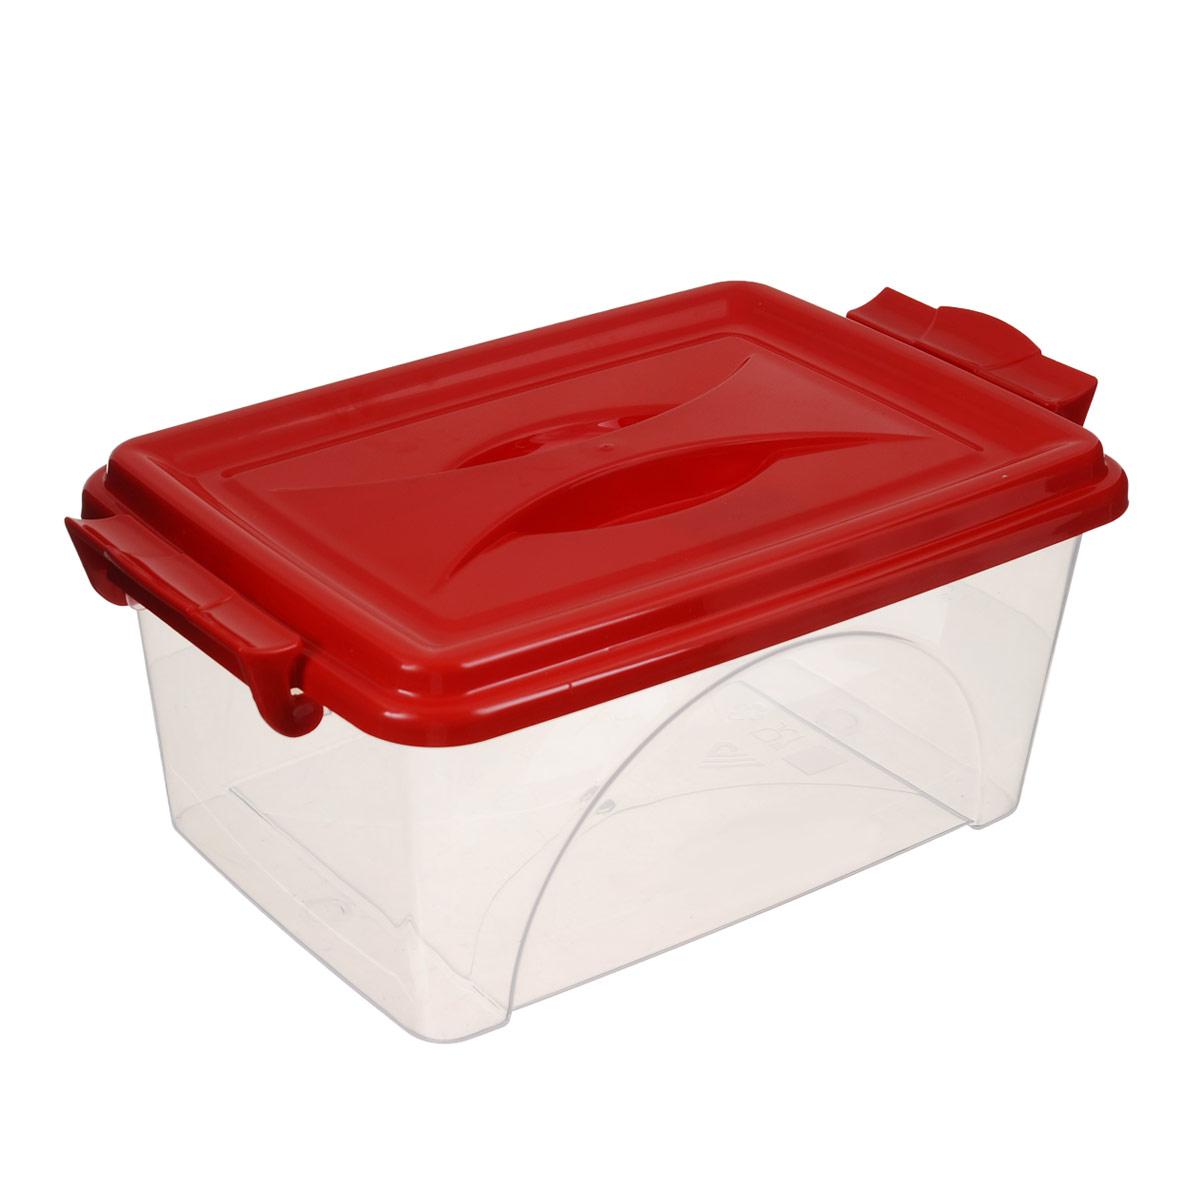 Контейнер Альтернатива, цвет: красный, 2,5 лБрелок для ключейКонтейнер Альтернатива выполнен из прочного пластика. Он предназначен для хранения различных мелких вещей. Крышка легко открывается и плотно закрывается. Прозрачные стенки позволяют видеть содержимое. По бокам предусмотрены две удобные ручки, с помощью которых контейнер закрывается.Контейнер поможет хранить все в одном месте, а также защитить вещи от пыли, грязи и влаги.Уважаемые клиенты!Обращаем ваше внимание на то, что цвет ручек товара может меняться в зависимости от прихода на склад.